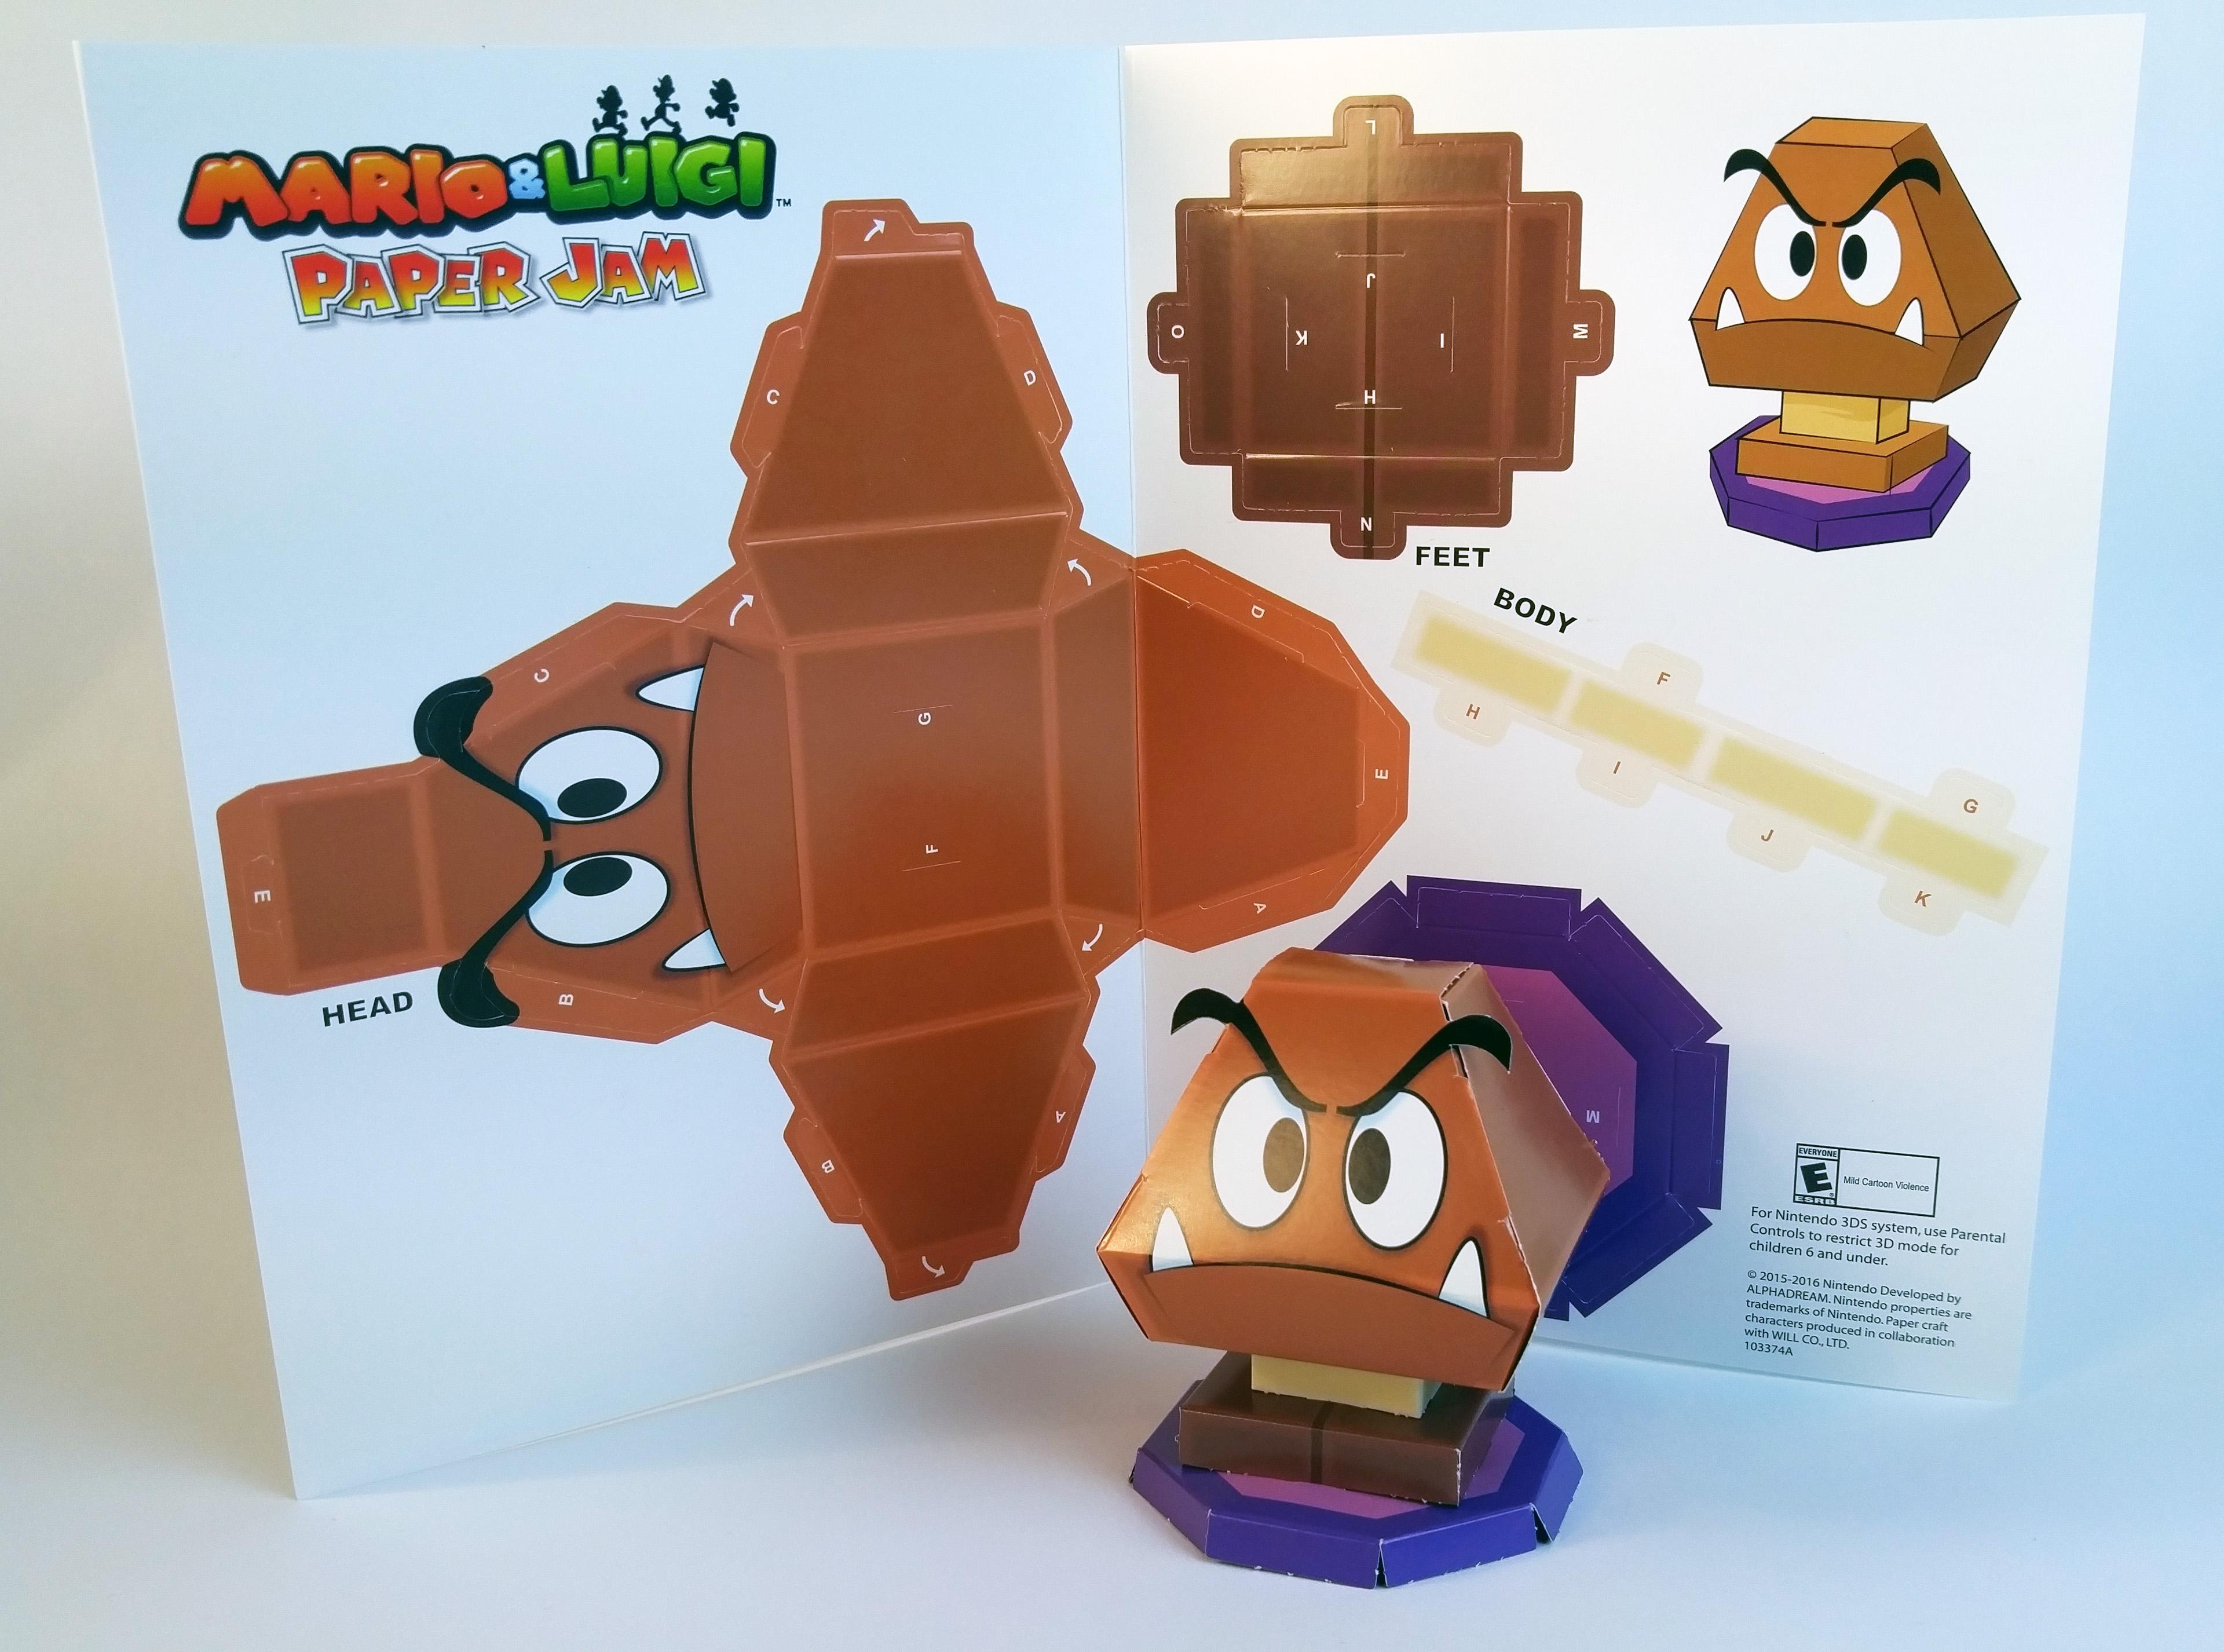 Mario luigi paper jam papercraft premium on behance altavistaventures Choice Image